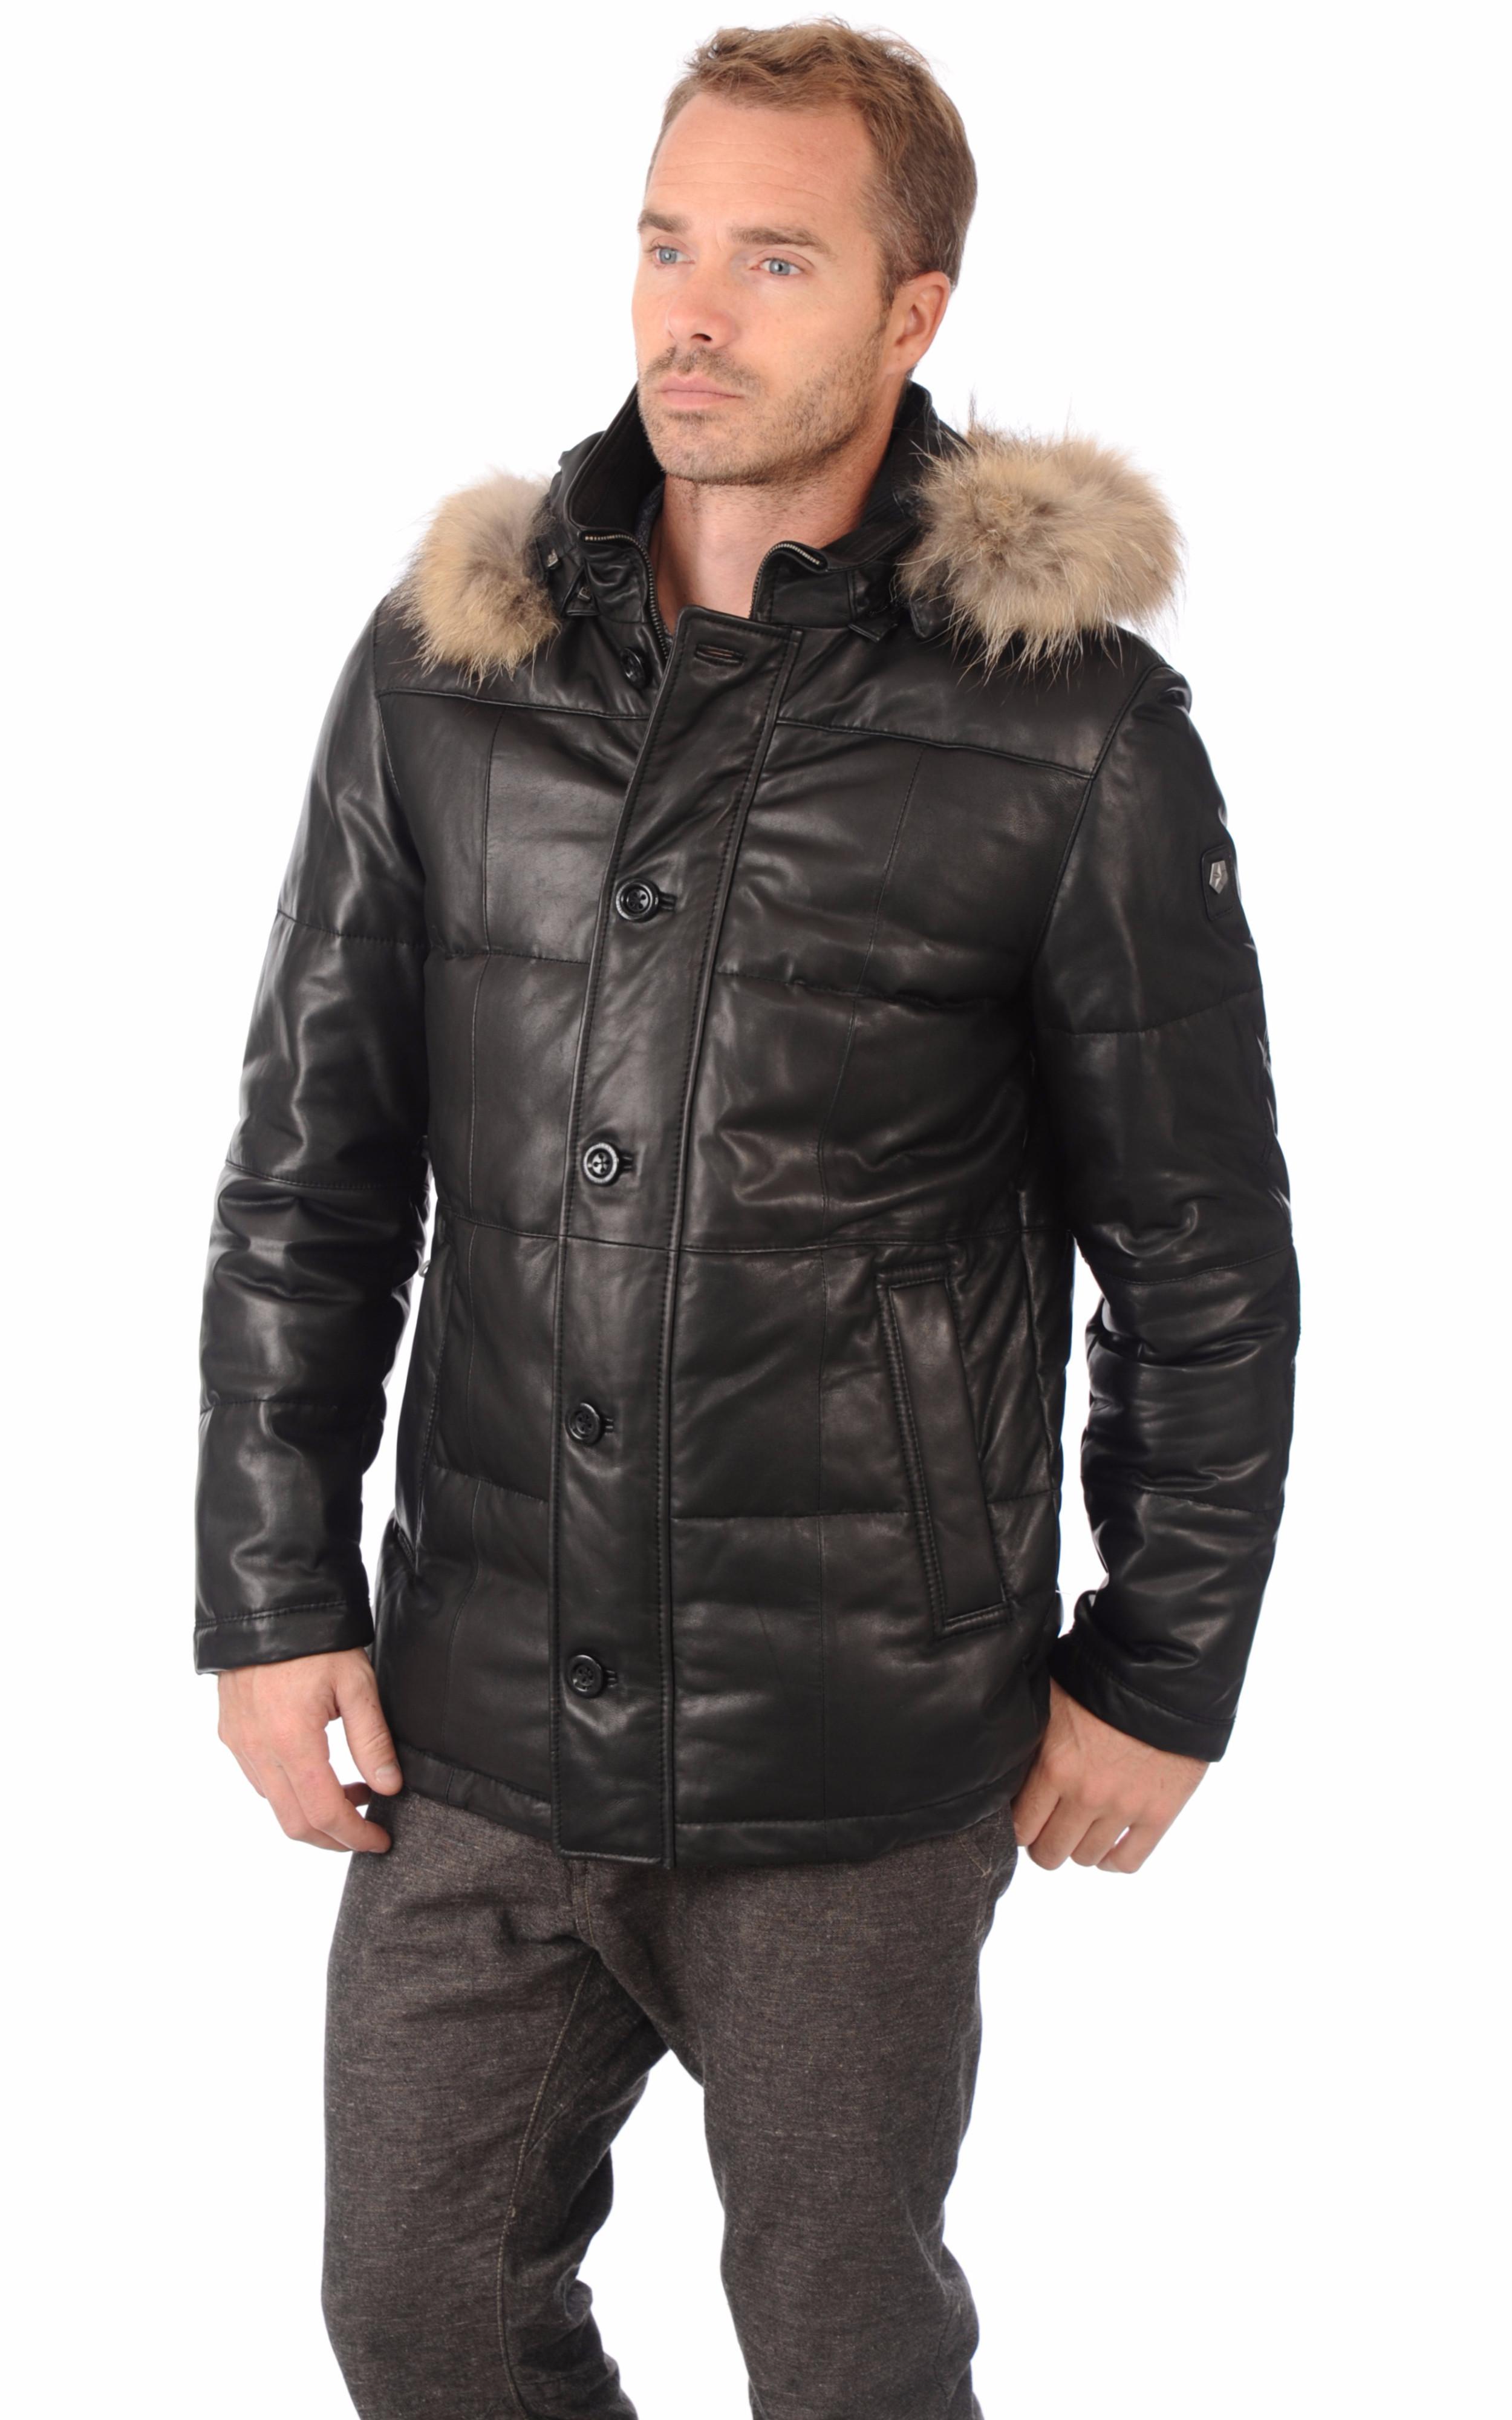 doudoune cuir homme milestone la canadienne doudoune parka cuir noir. Black Bedroom Furniture Sets. Home Design Ideas